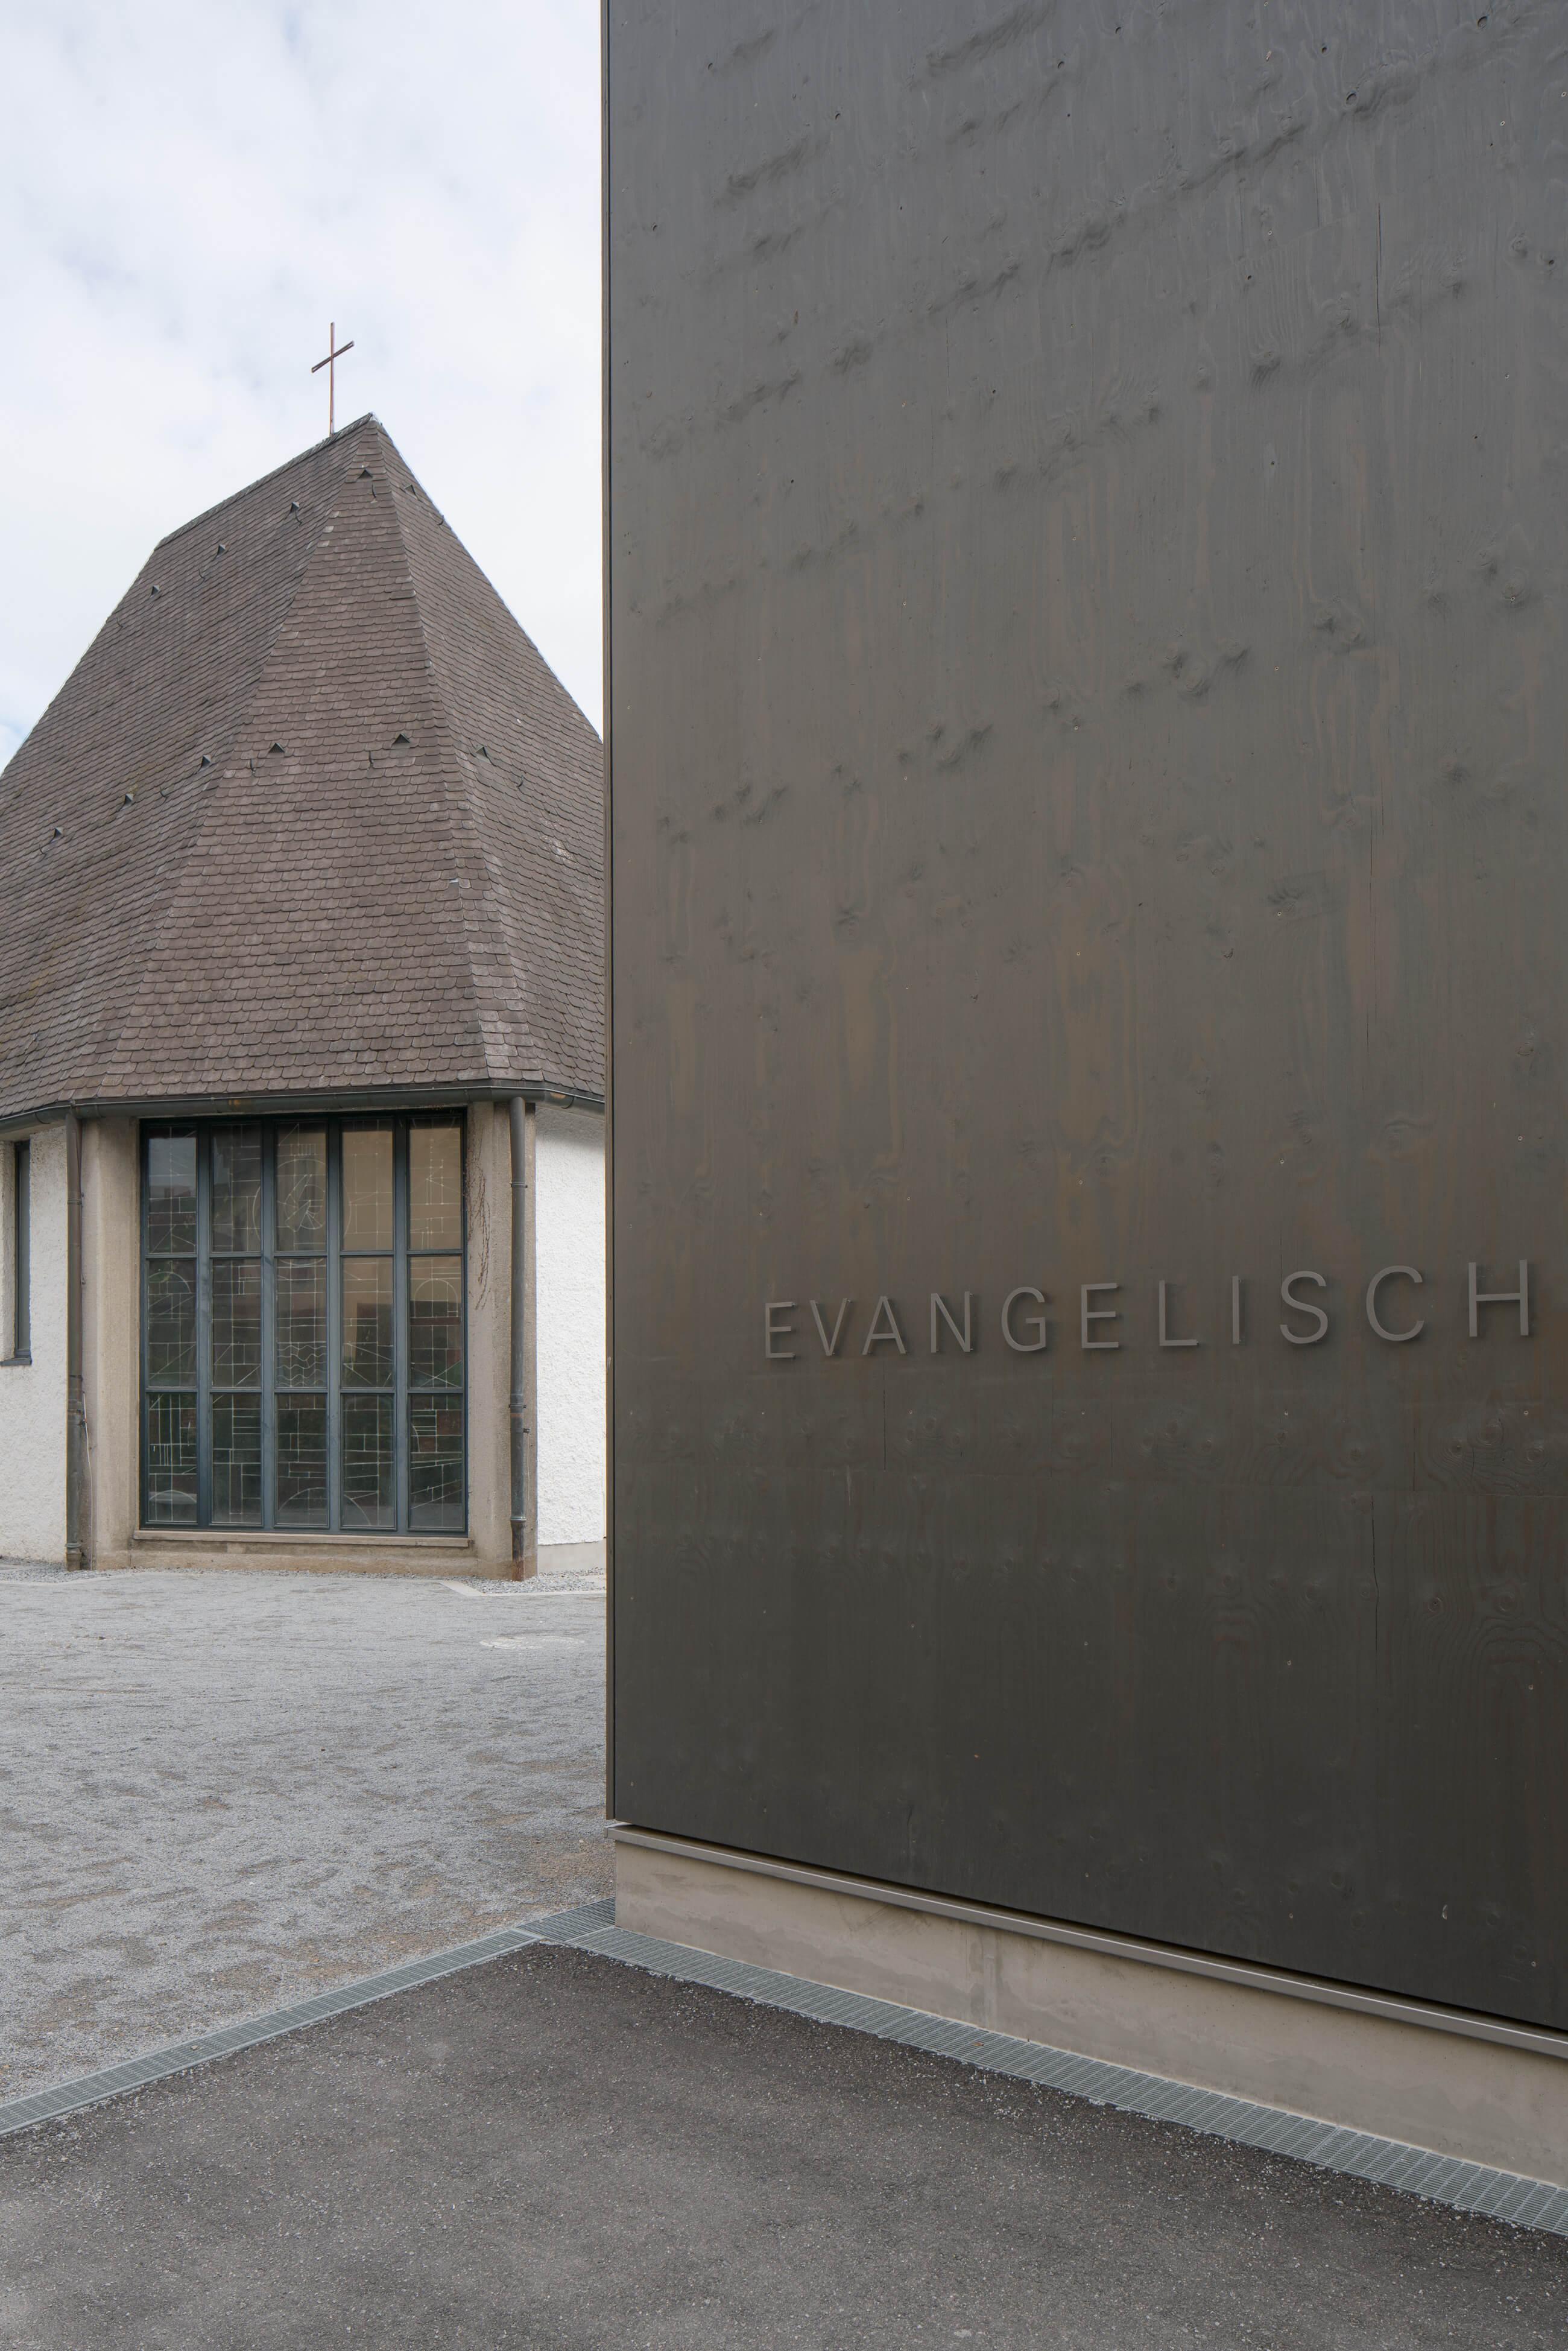 Evangelisches Gemeindezentrum, Markt Schwaben